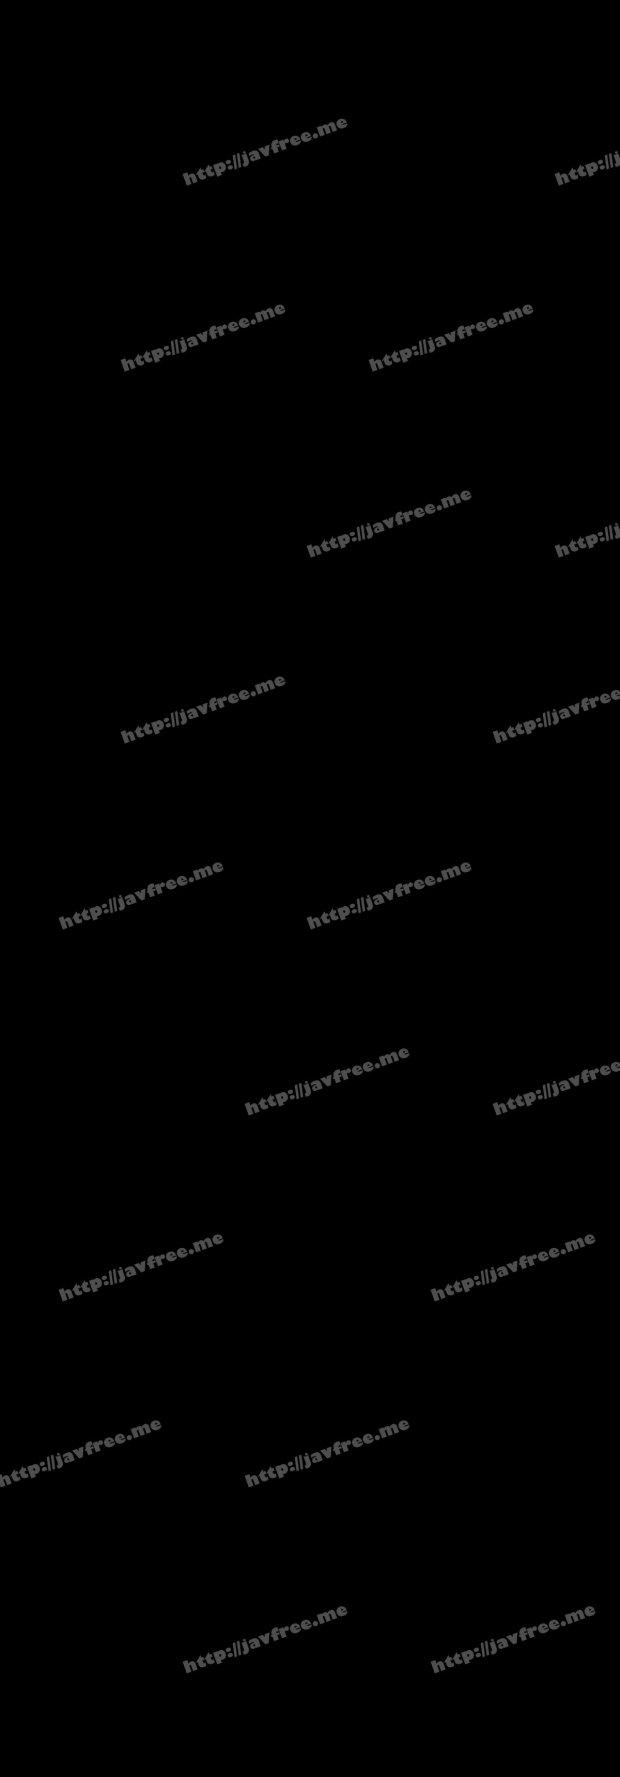 [HD][HUNTB-042] 合宿中の女子チアリーディング部の息抜きはボクのチ○ポだけ!ハード練習&禁欲生活で欲求不満の女子部員たちとまさかの中出しハーレム乱交!さらに…